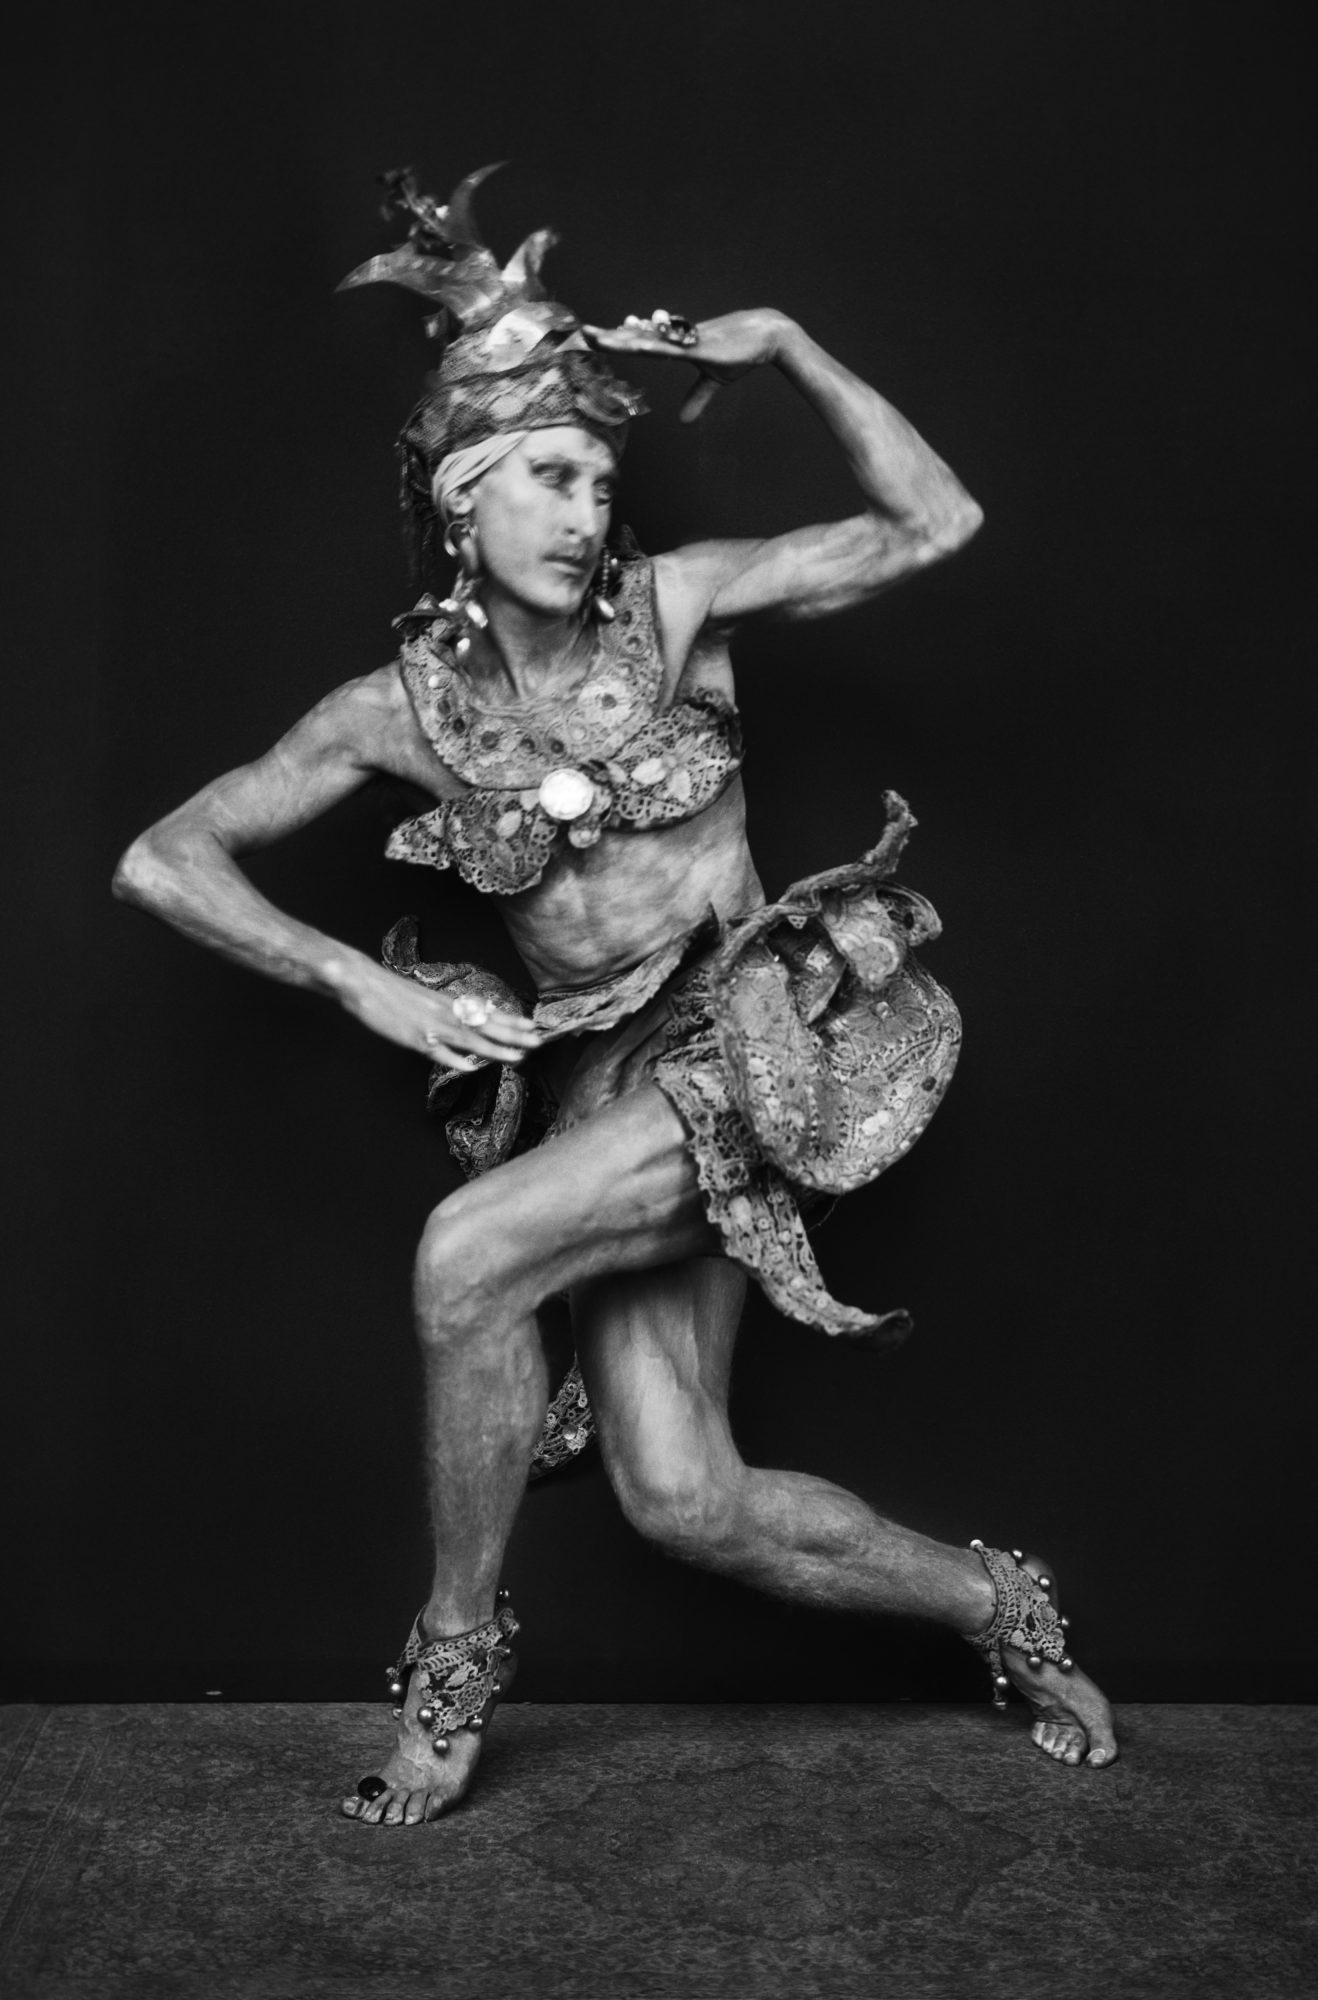 Emil Otto Hoppé: Photographs of the Ballets Russes